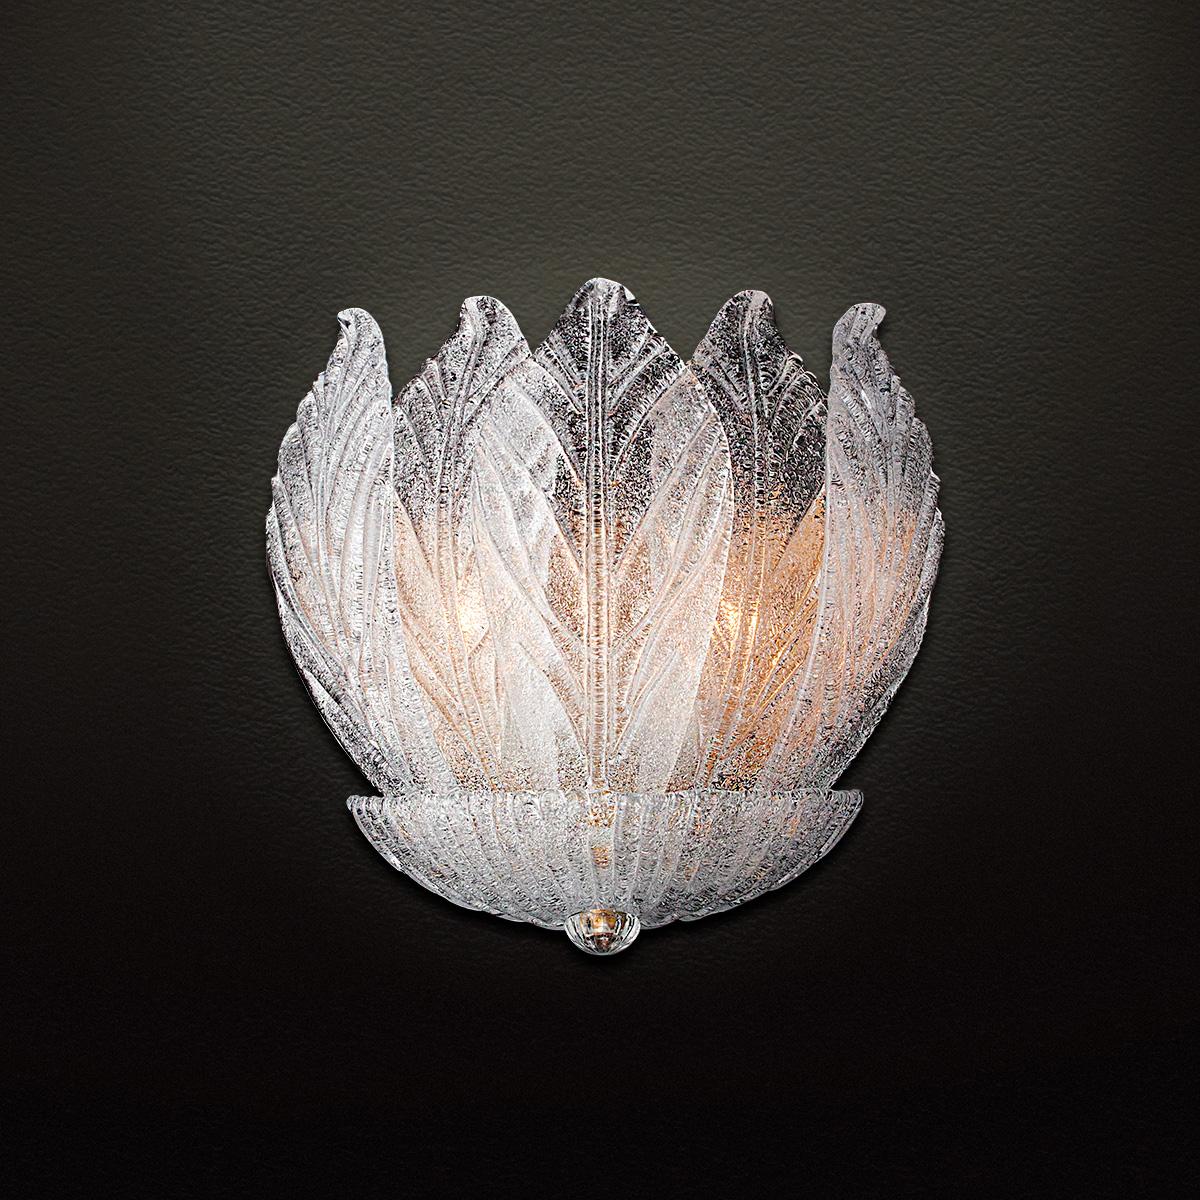 Κλασική απλίκα με κρυστάλλινα φύλλα Μουράνο ΗΛΙΟΣ classic wall lamp with Murano crystal leaves